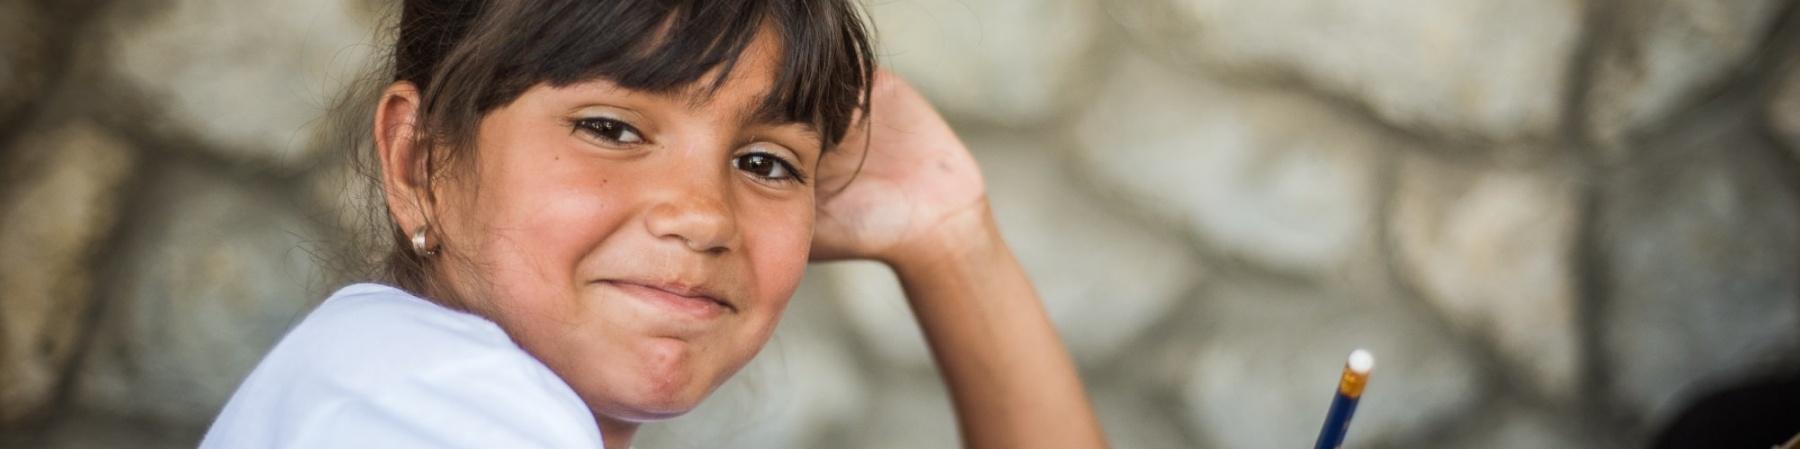 bambina di carnagione chiara-olivastra, con capelli castani legati con frangia, è seduta a un banco di scuola e guarda in camera mentre tiene una matita in mano.